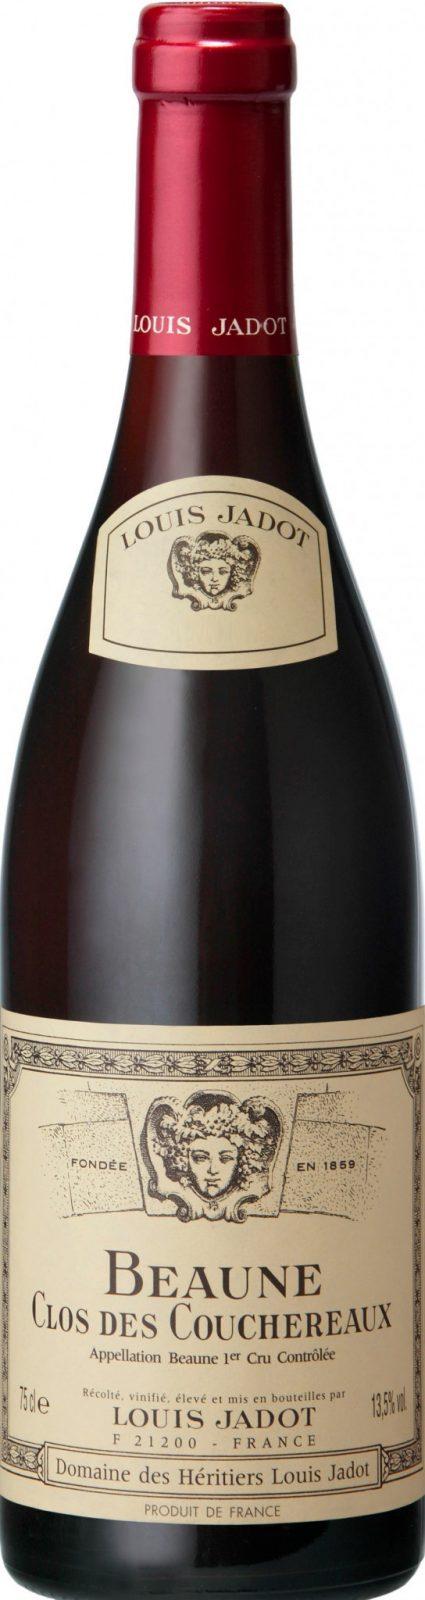 Louis Jadot Beaune Clos des Couchereaux Wineaffair